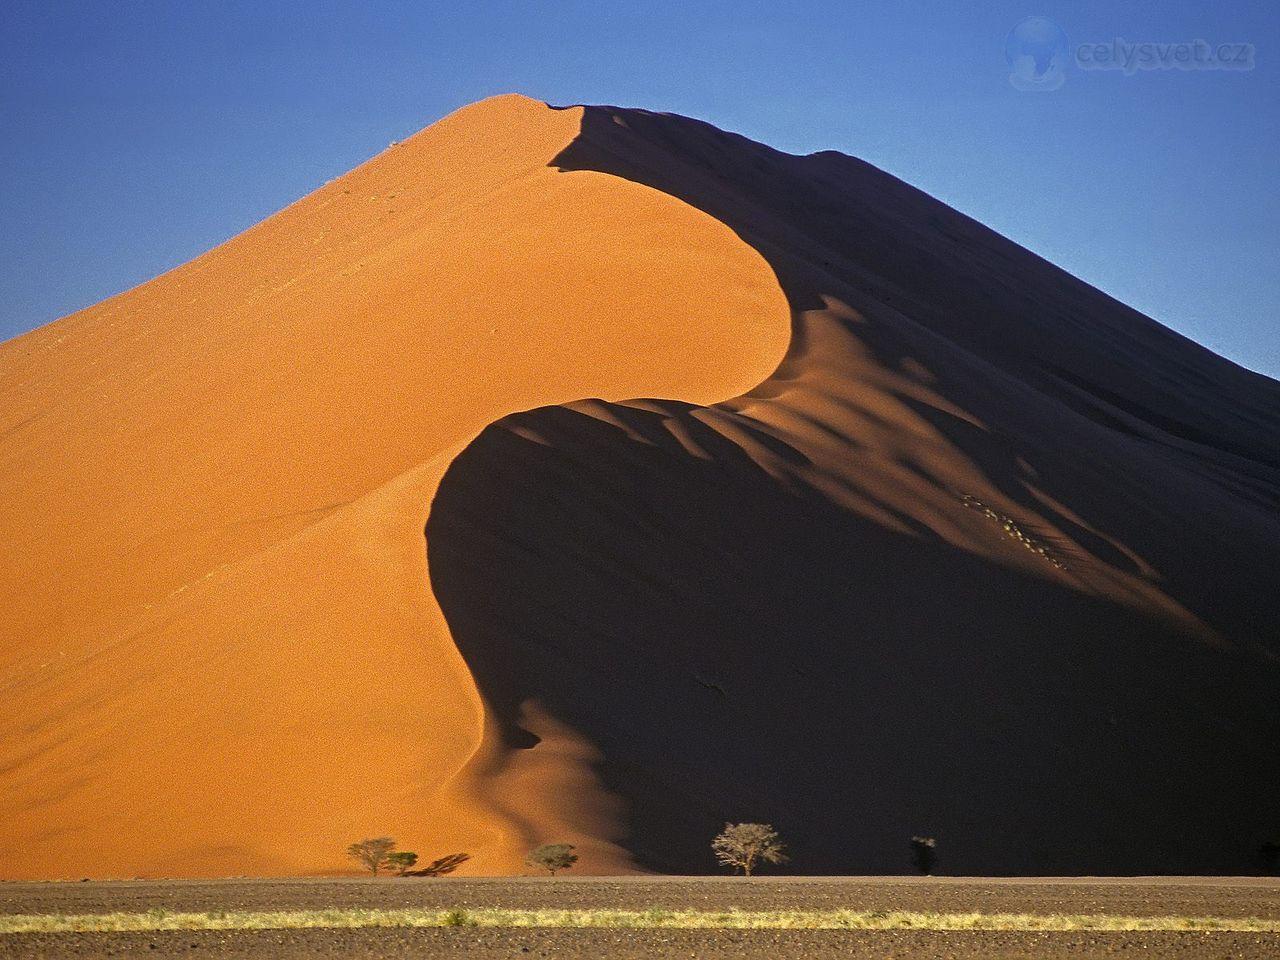 Dune 45, Sossusvlei National Park, Namibia.